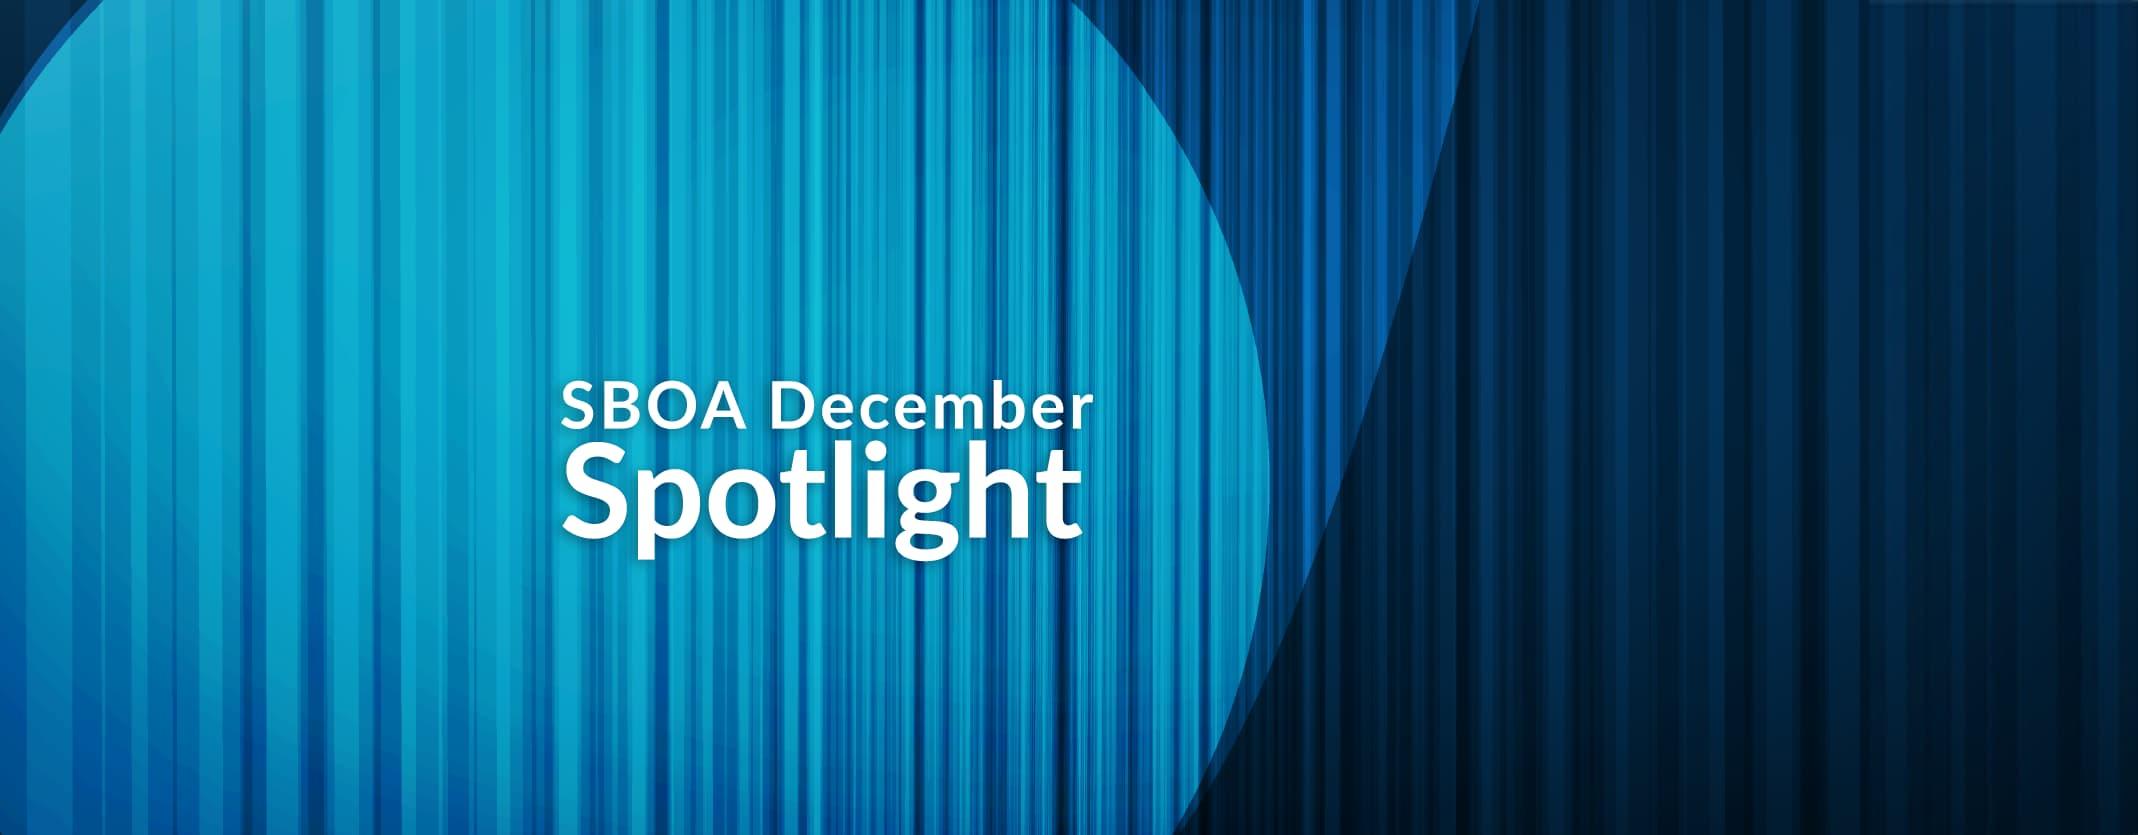 SBOA December Spotlight